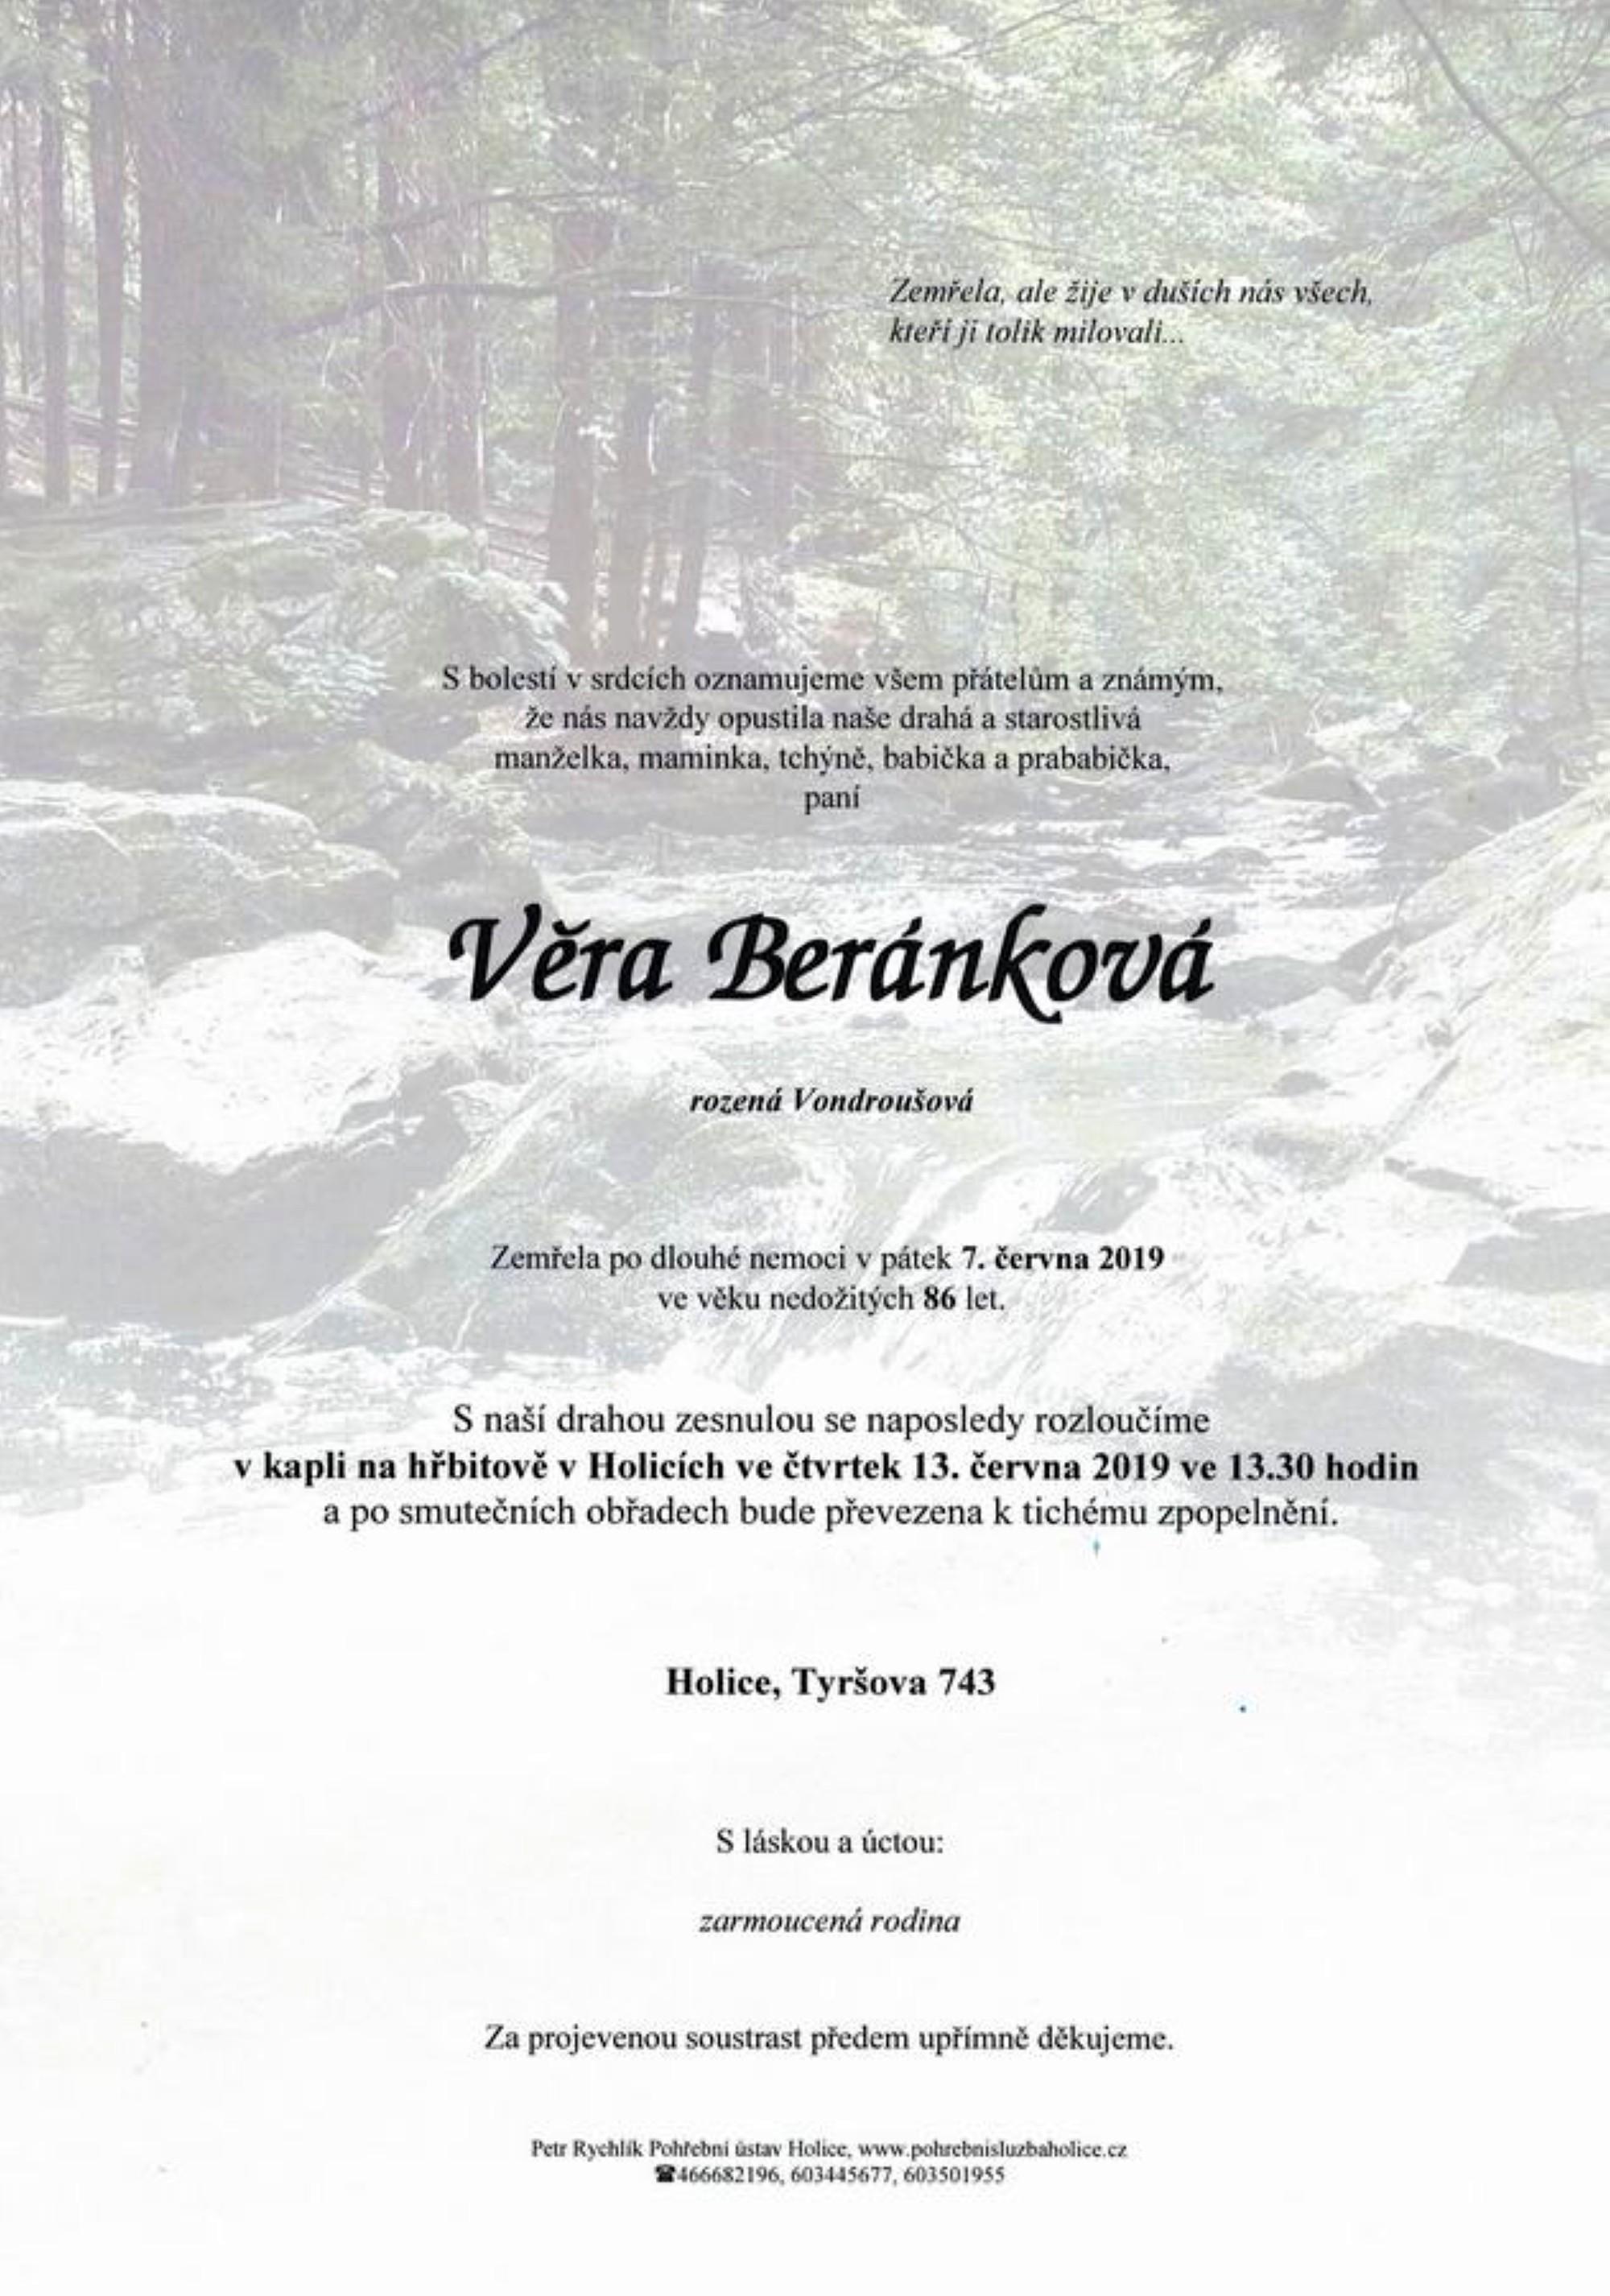 Věra Beránková